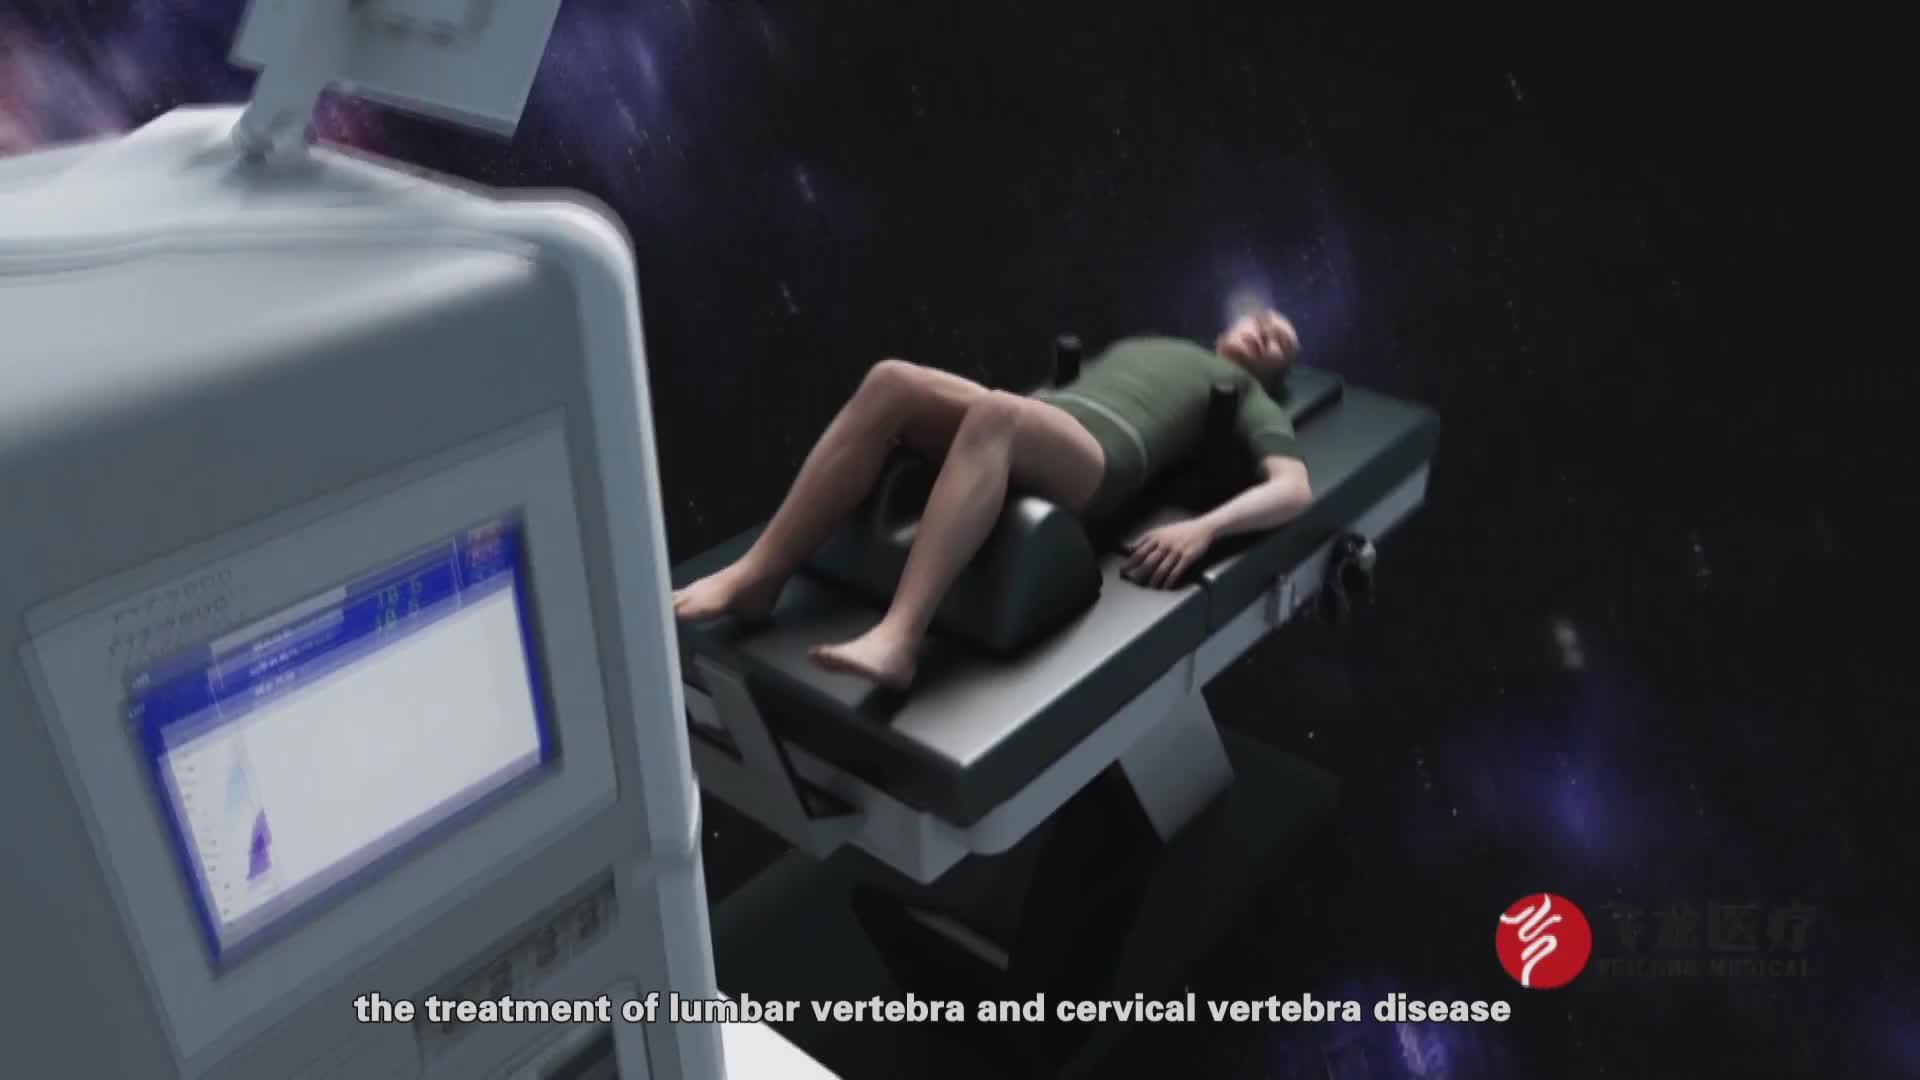 Di alta qualità di trazione lombare attrezzature per curare il mal di schiena